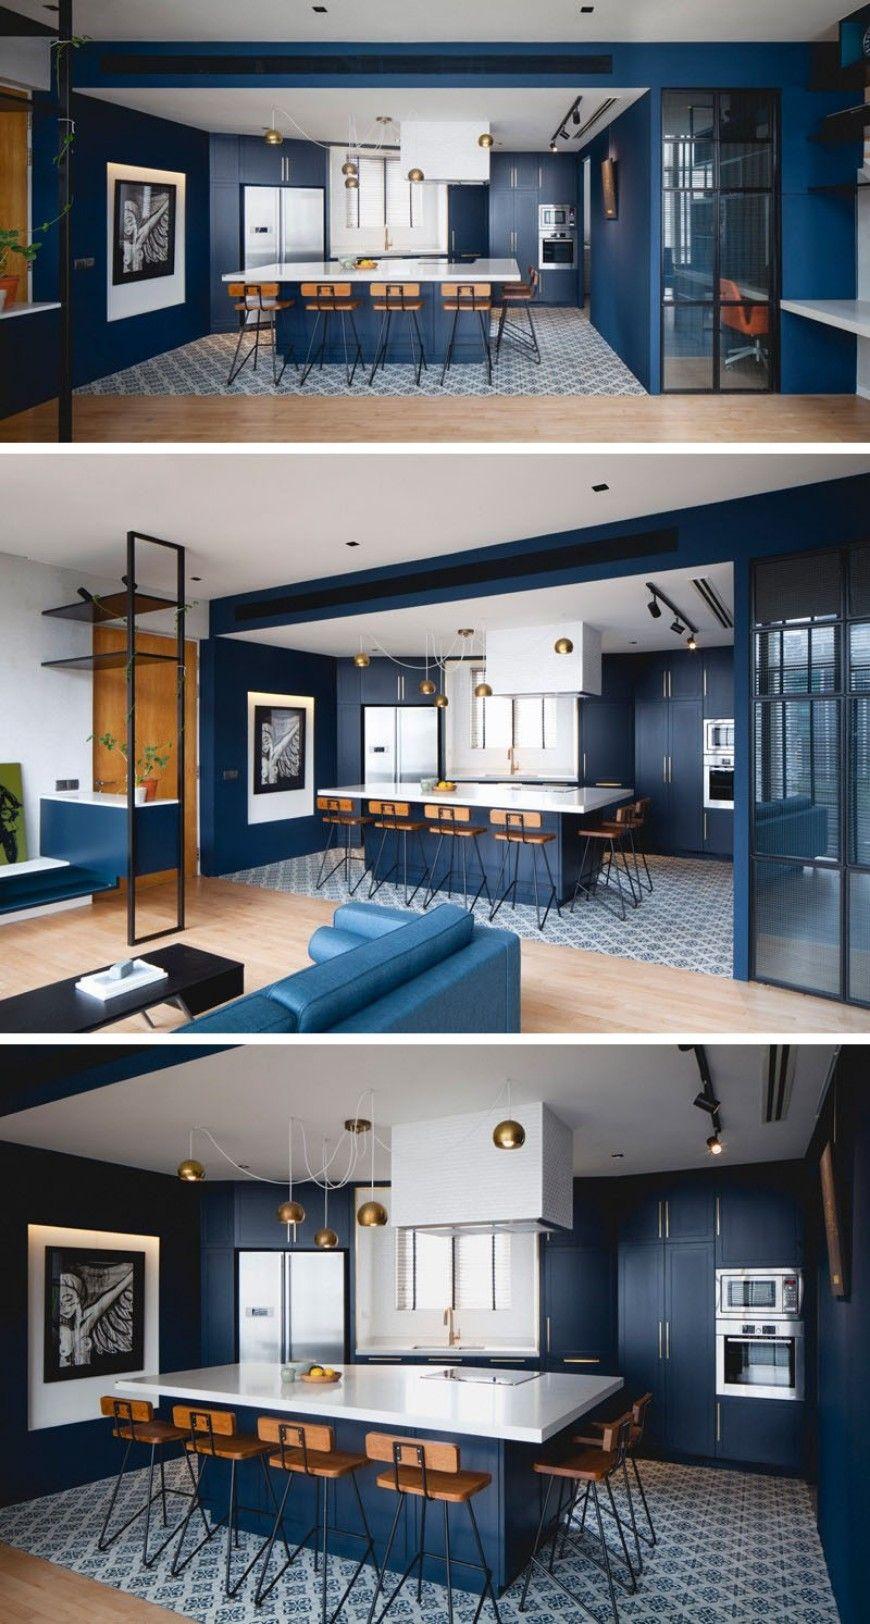 Farbe Inspiration: Moderne Küche mit blauen Schränken | Pinterest